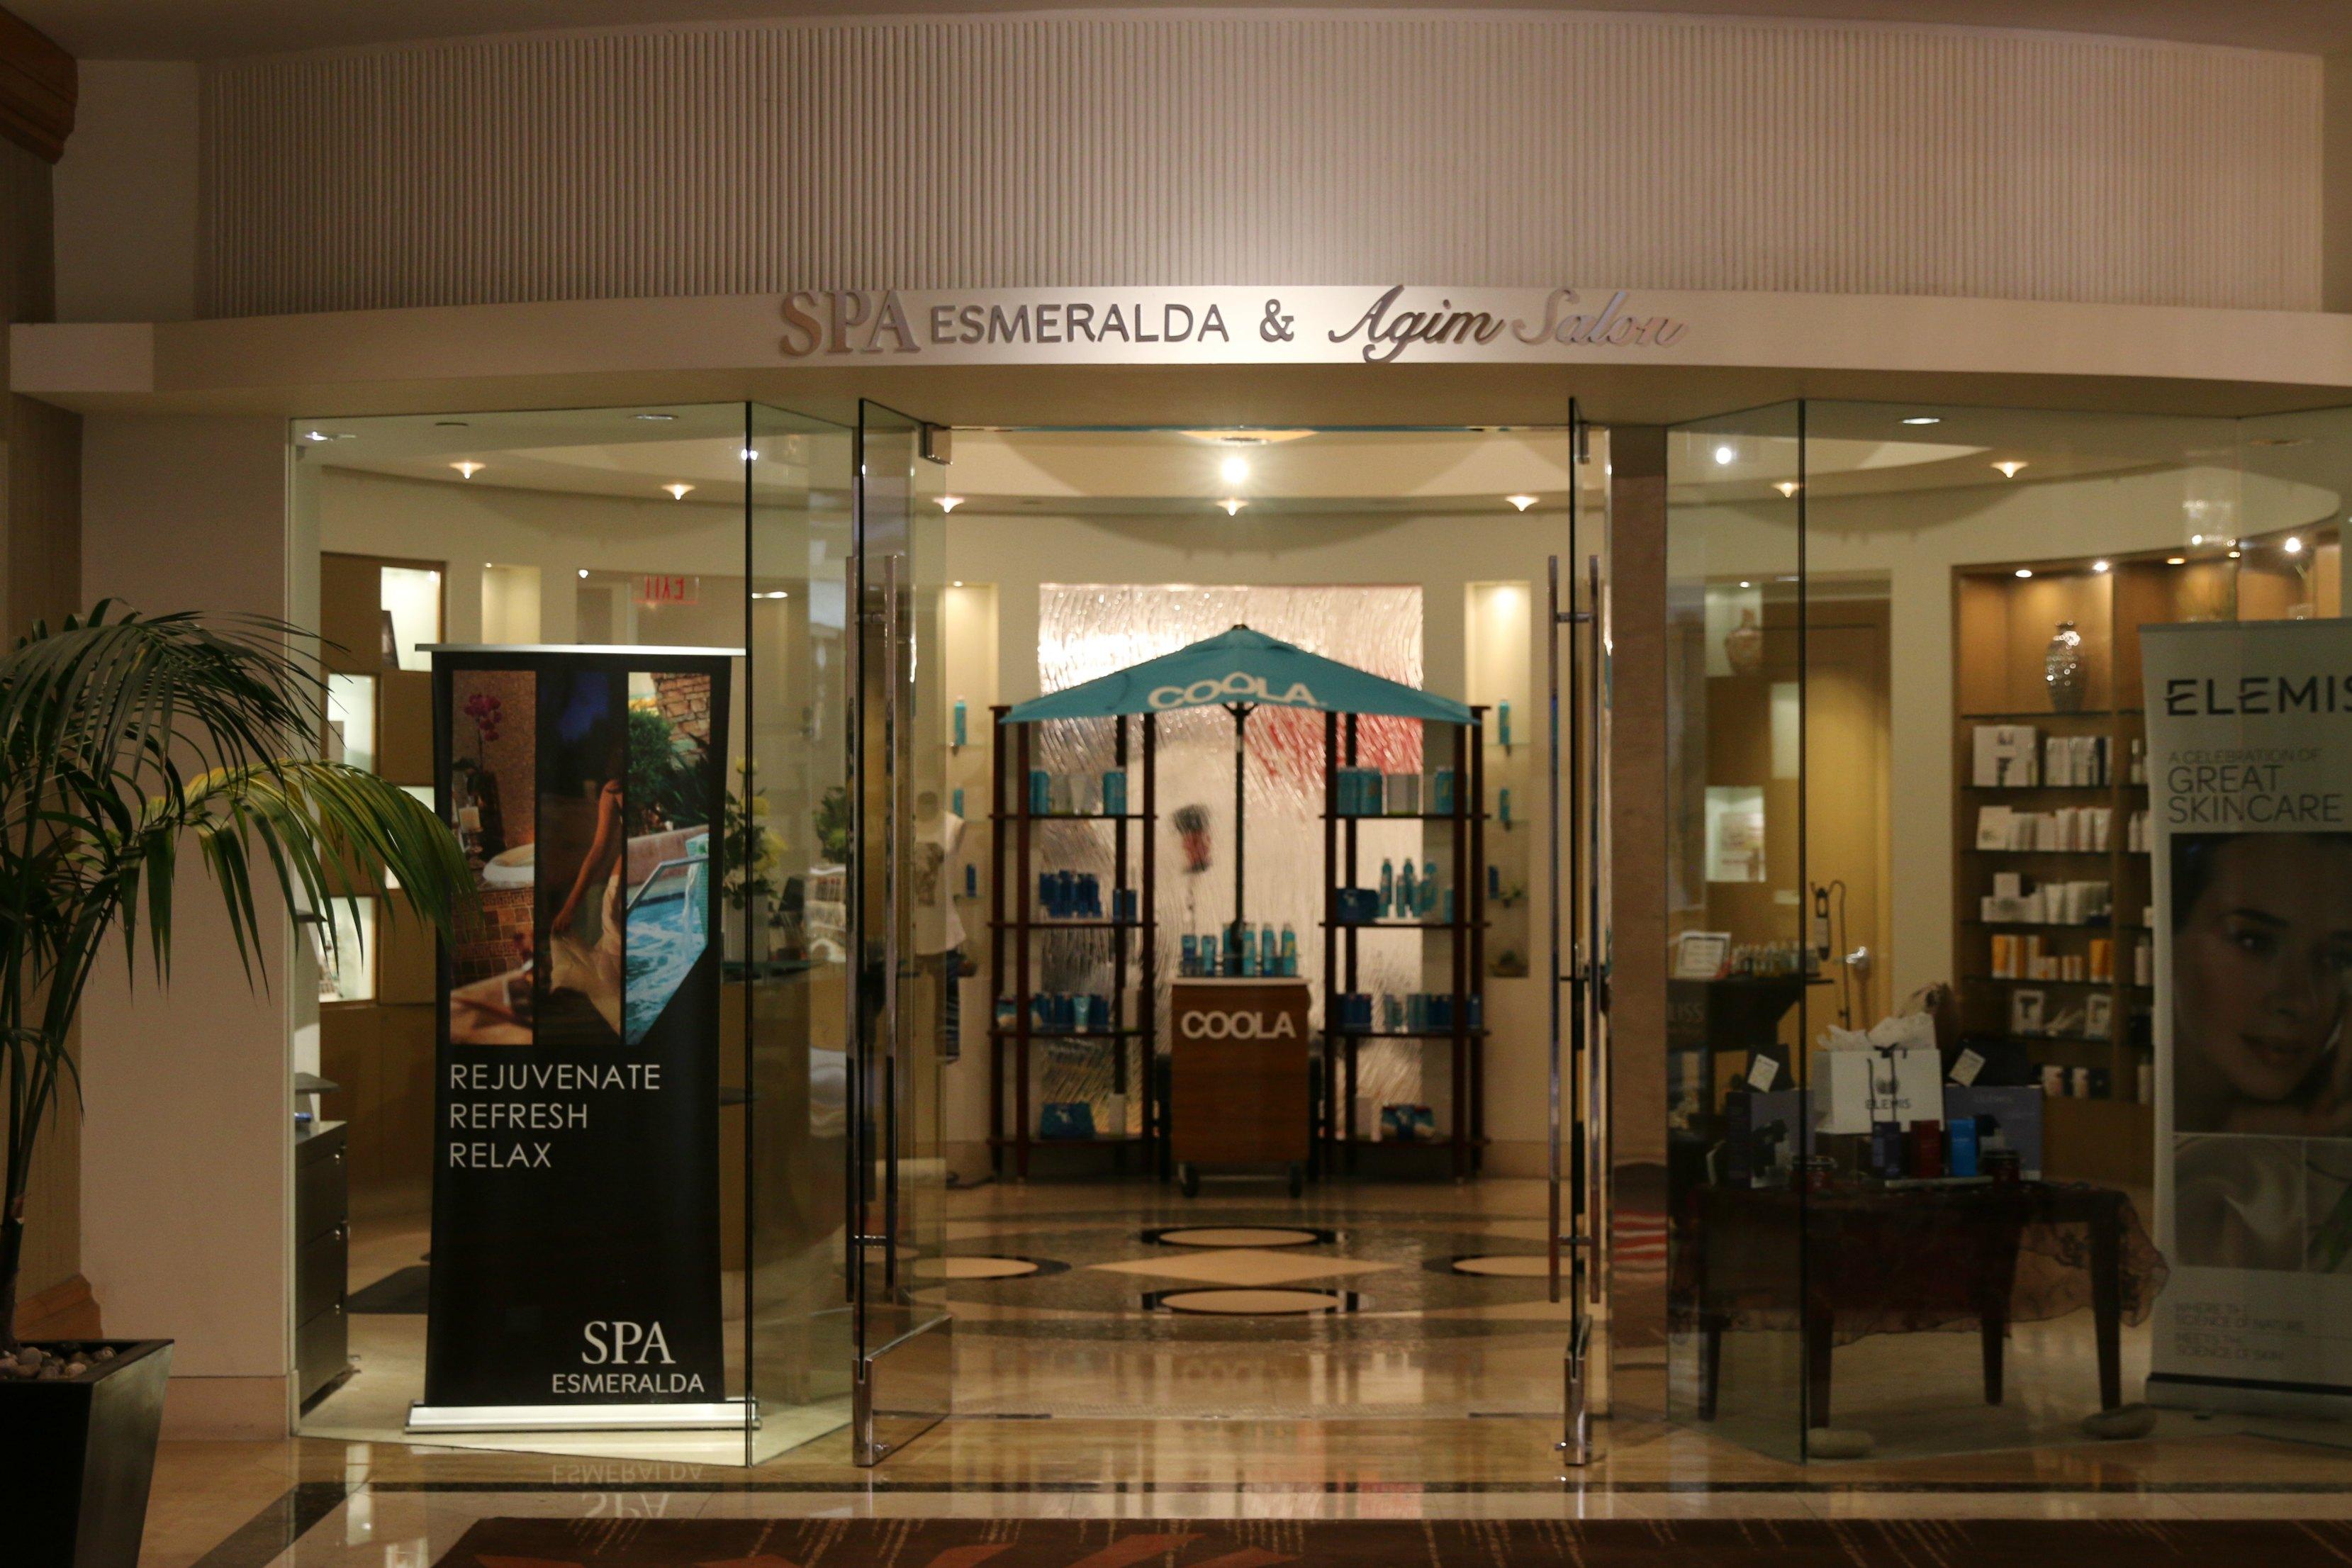 spa esmeralda